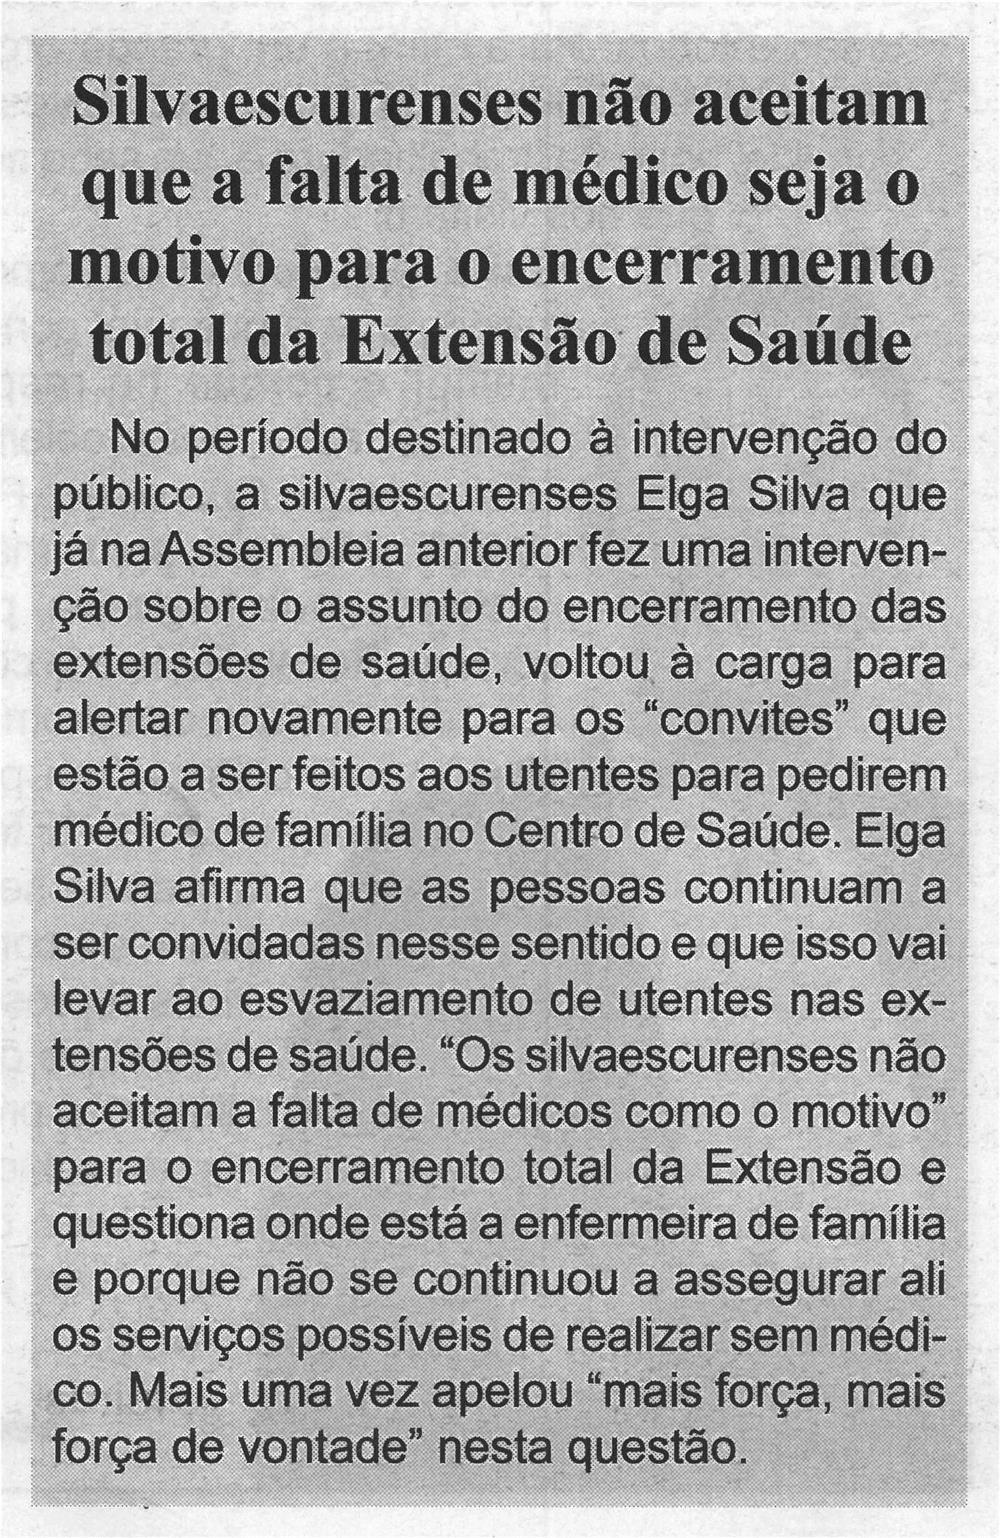 BV-1.ªjul.'21-p.7-Silvaescurenses não aceitam que a falta de médico seja o motivo para o encerramento total da extensão de saúde.jpg